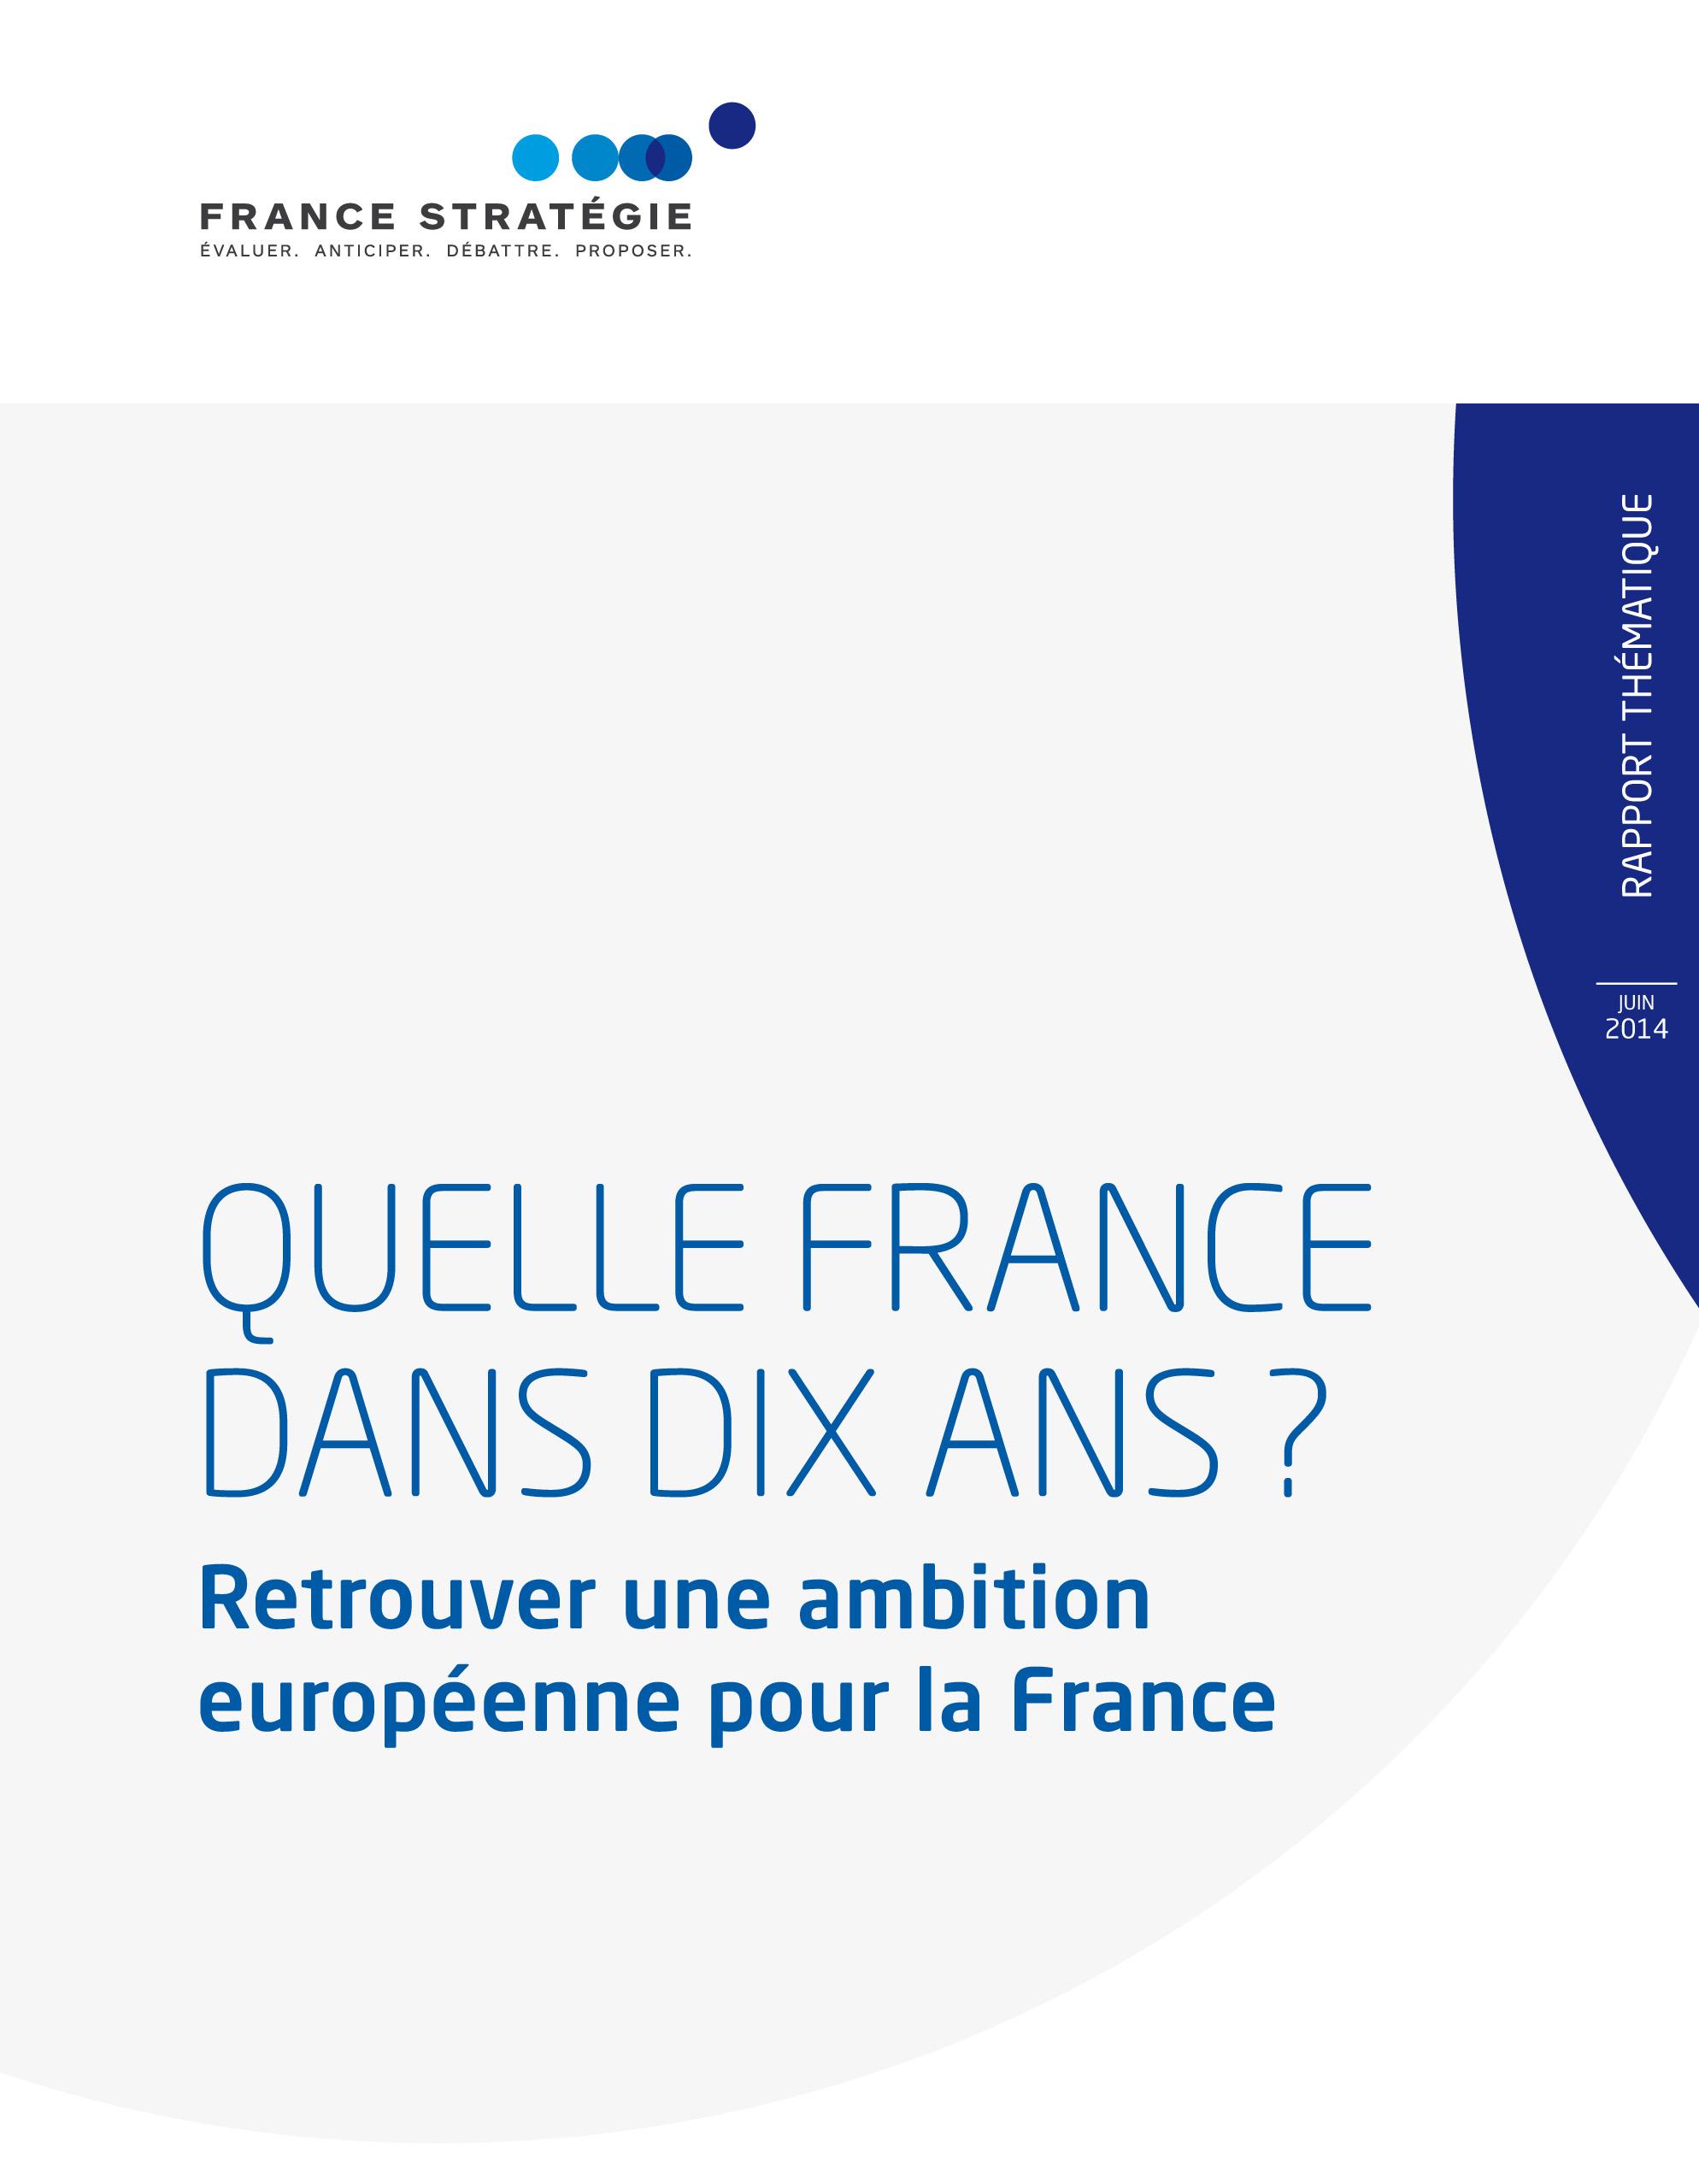 Retrouver une ambition européenne pour la France